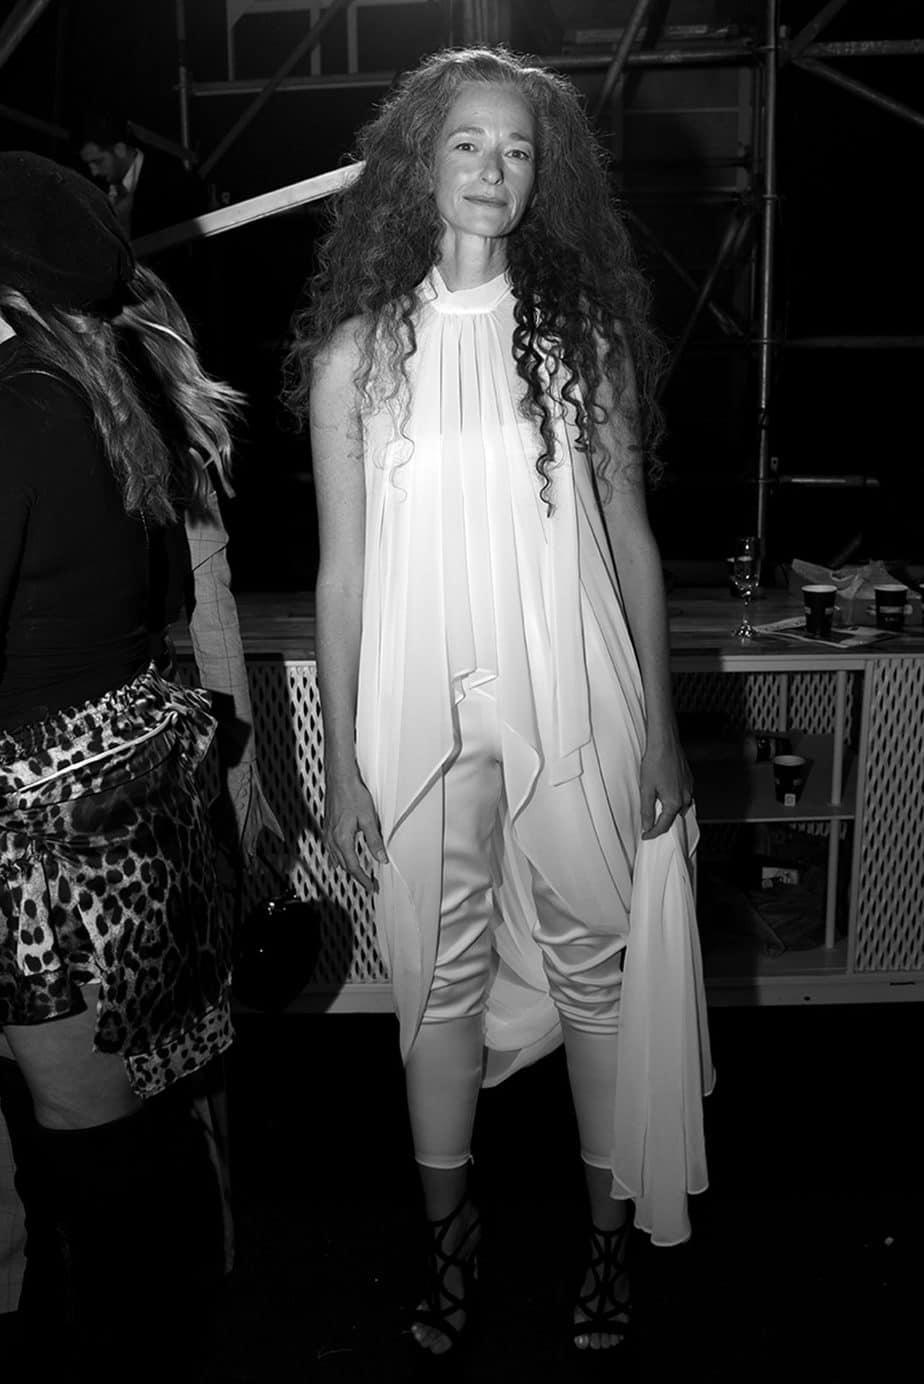 רייצ'ל בשמלת כלה של ברק להב. צילום: לימור יערי, אופנה, חדשות אופנה, כתבות אופנה, Fashiom Magazine, Fashion, Efifo ,מגזין אופנה, מגזין אופנה ישראלי, מגזיני אופנה ישראלים